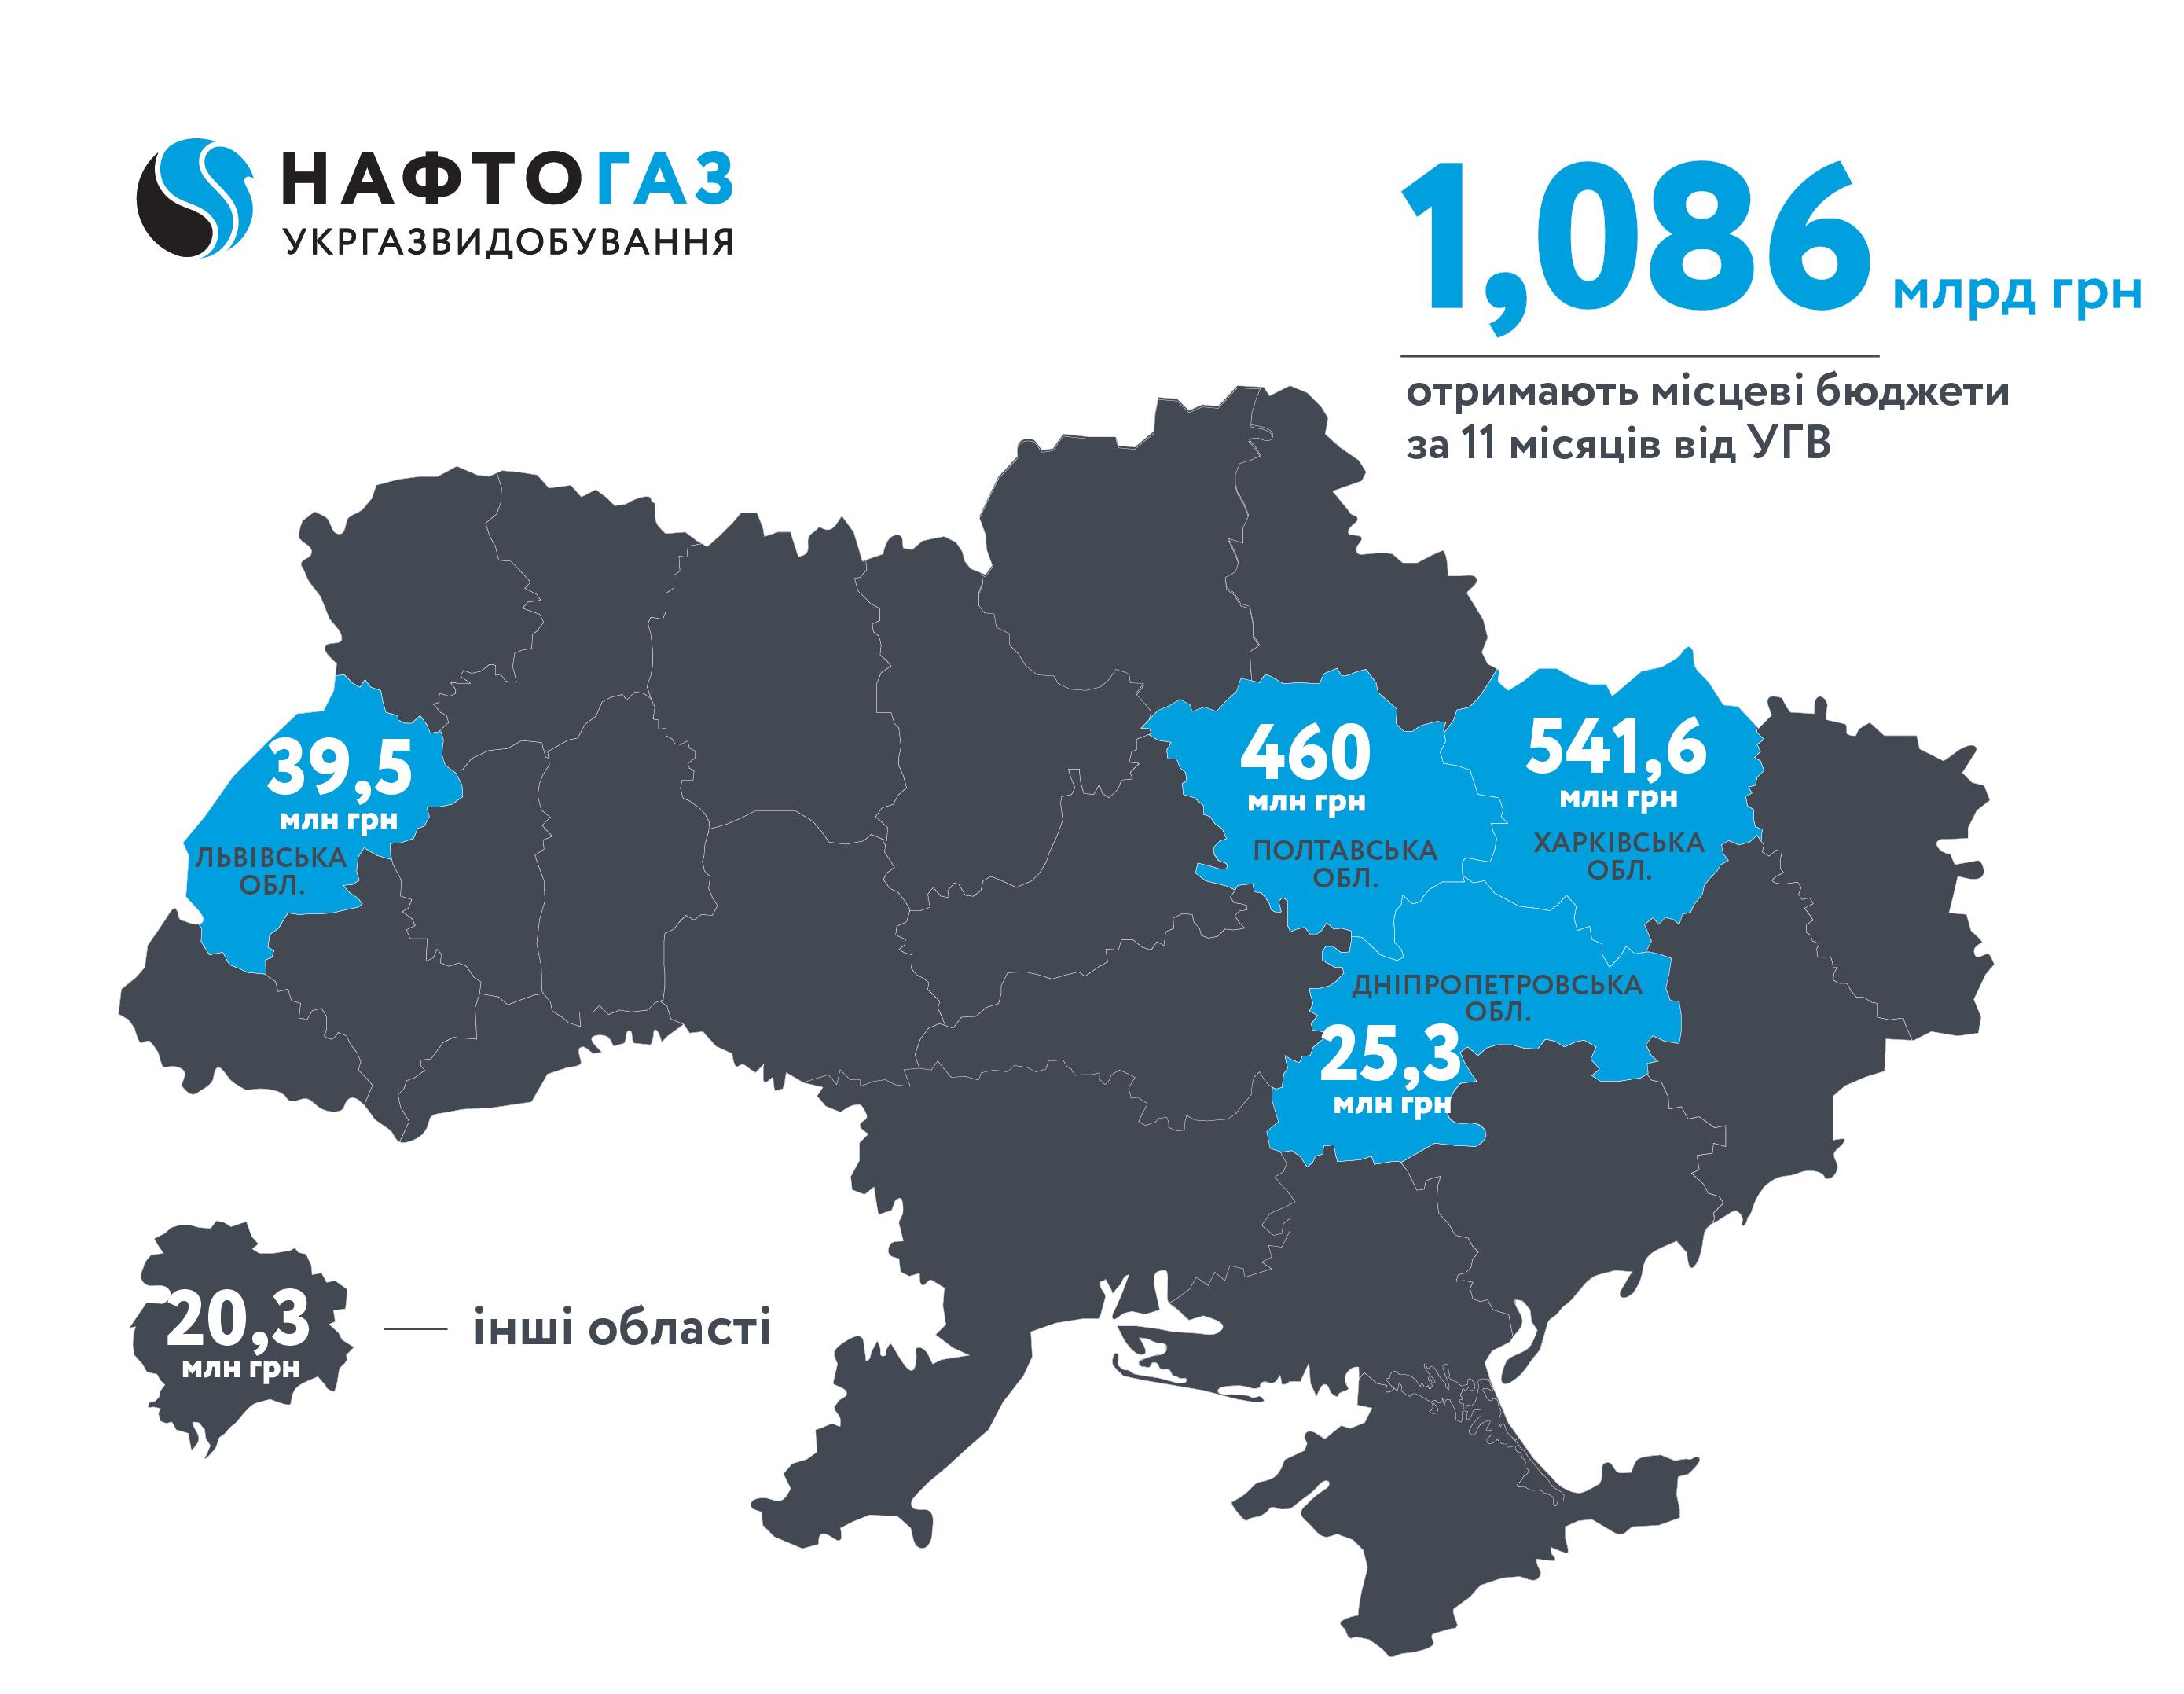 Укргазвидобування за 11 місяців 2019 року спрямувало до місцевих бюджетів понад 1,08 млрд грн рентних платежів